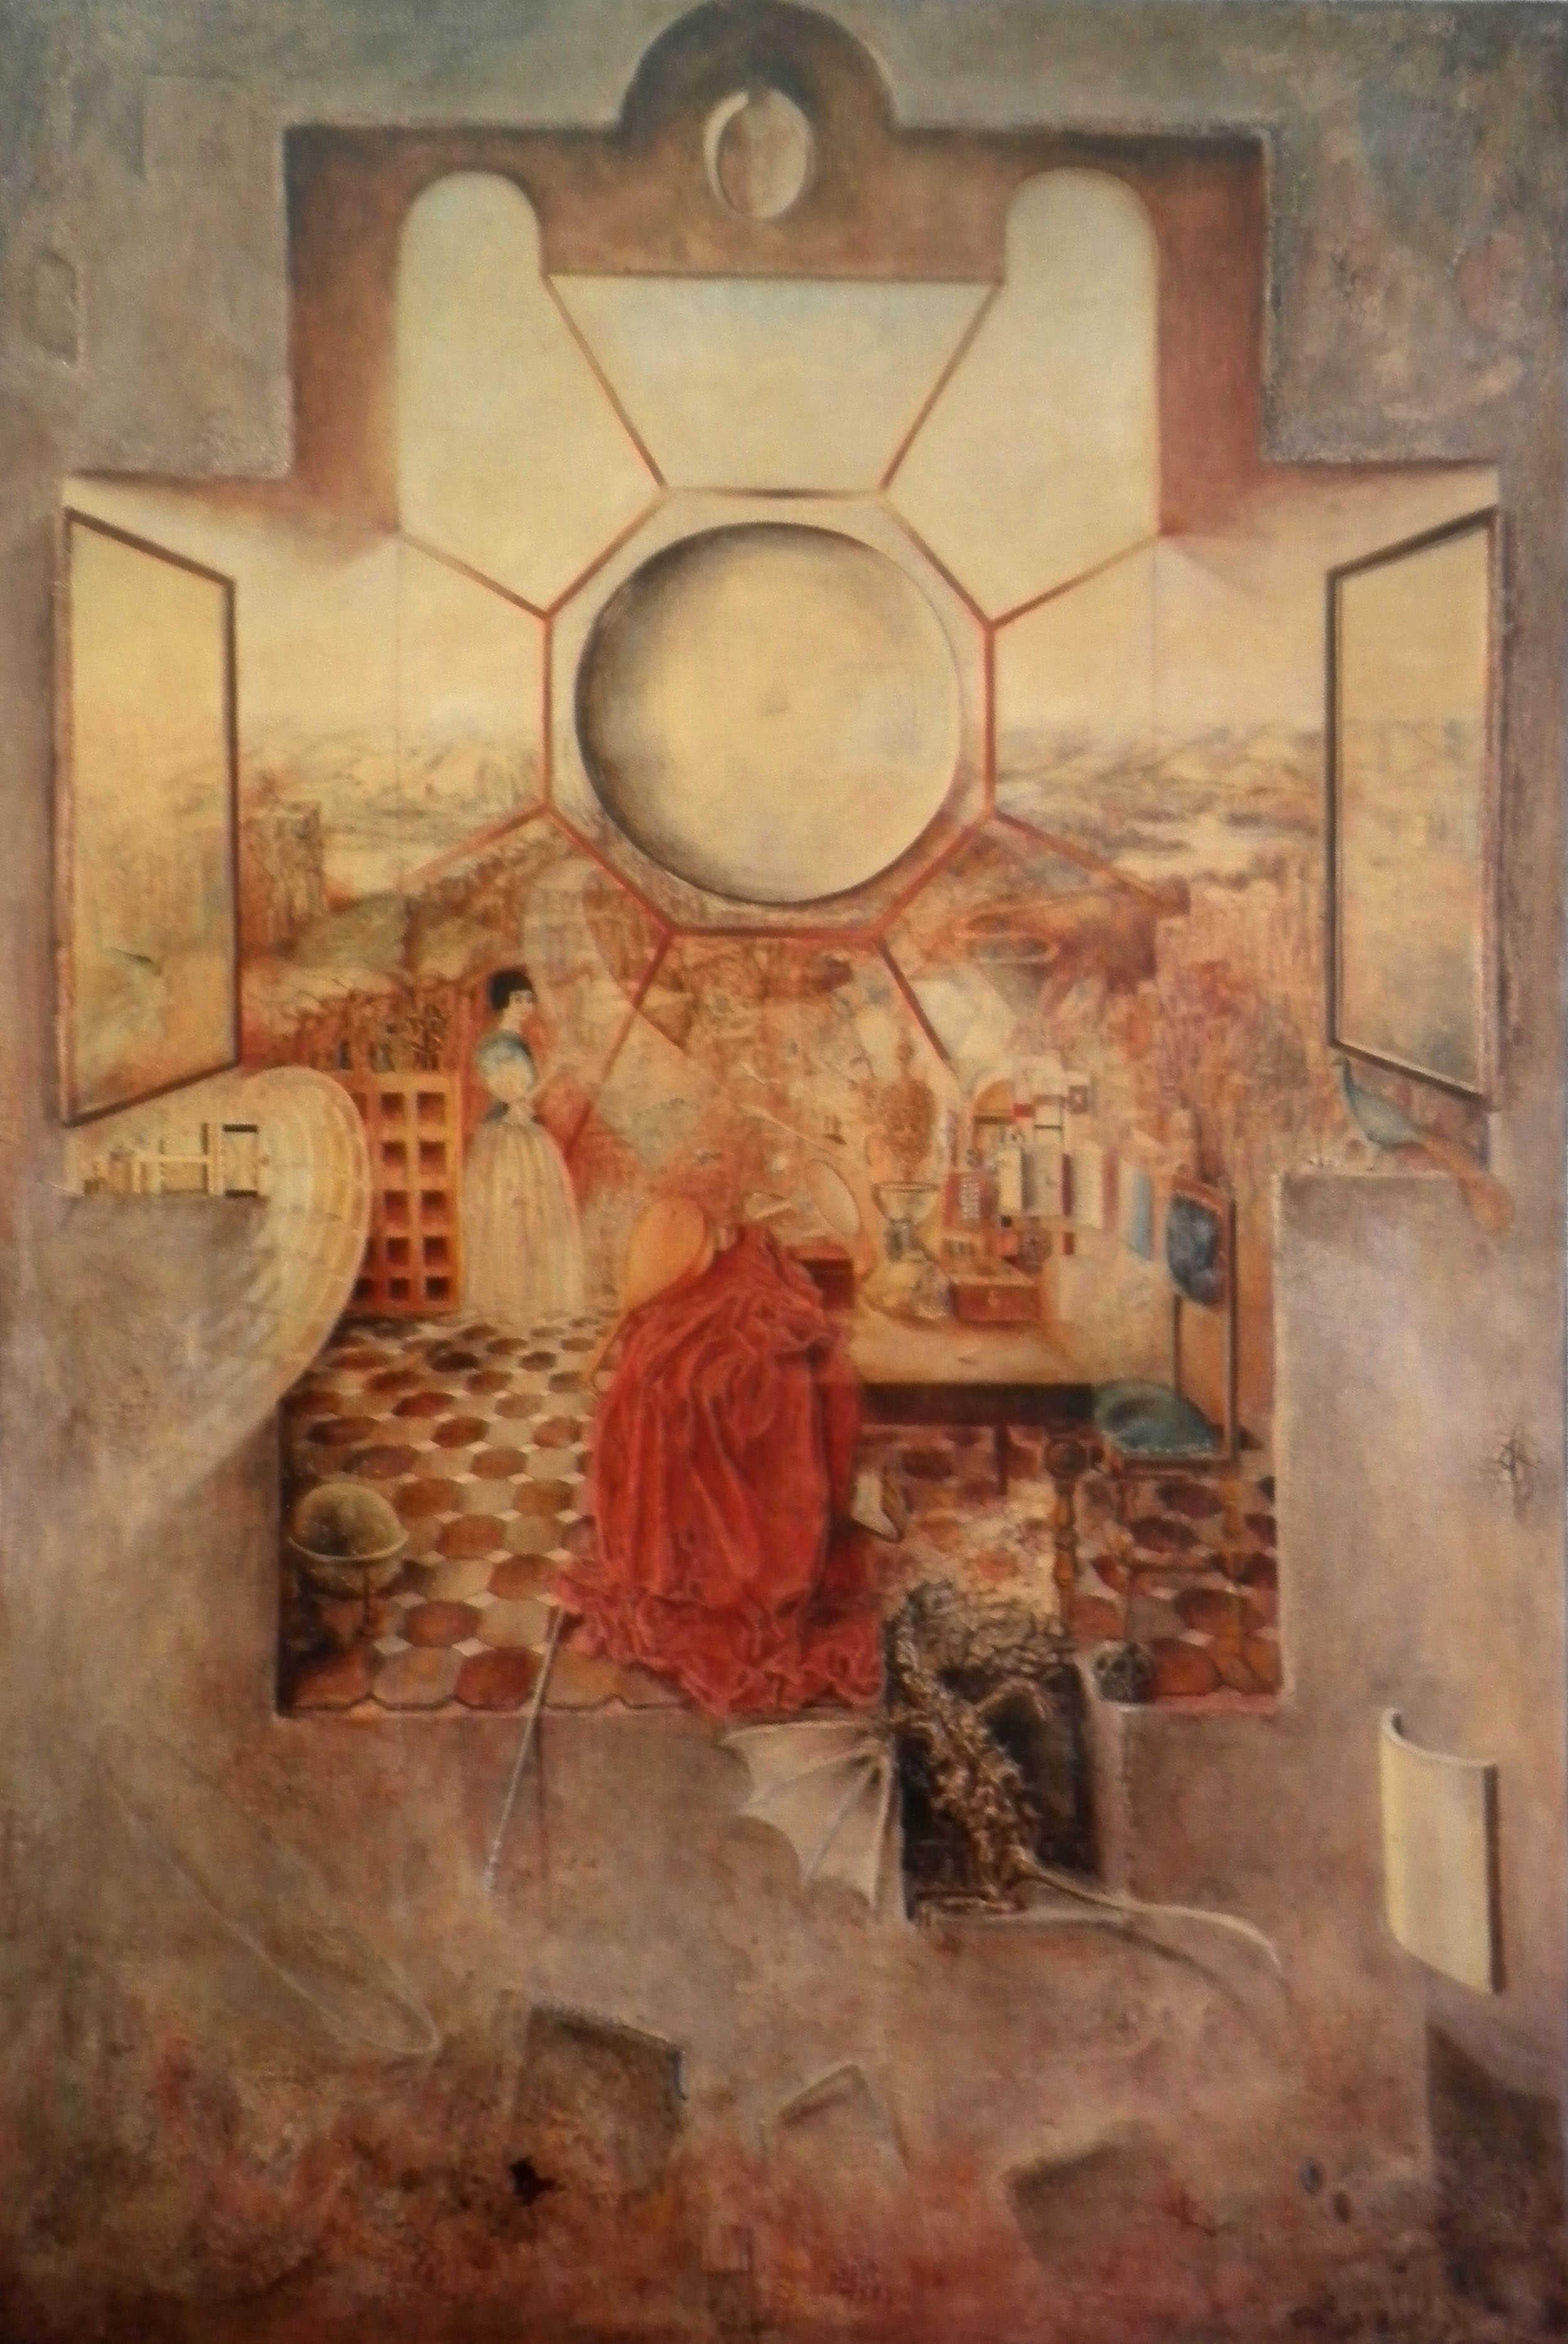 Leonid Šejka, Odaja Svetlozornosti